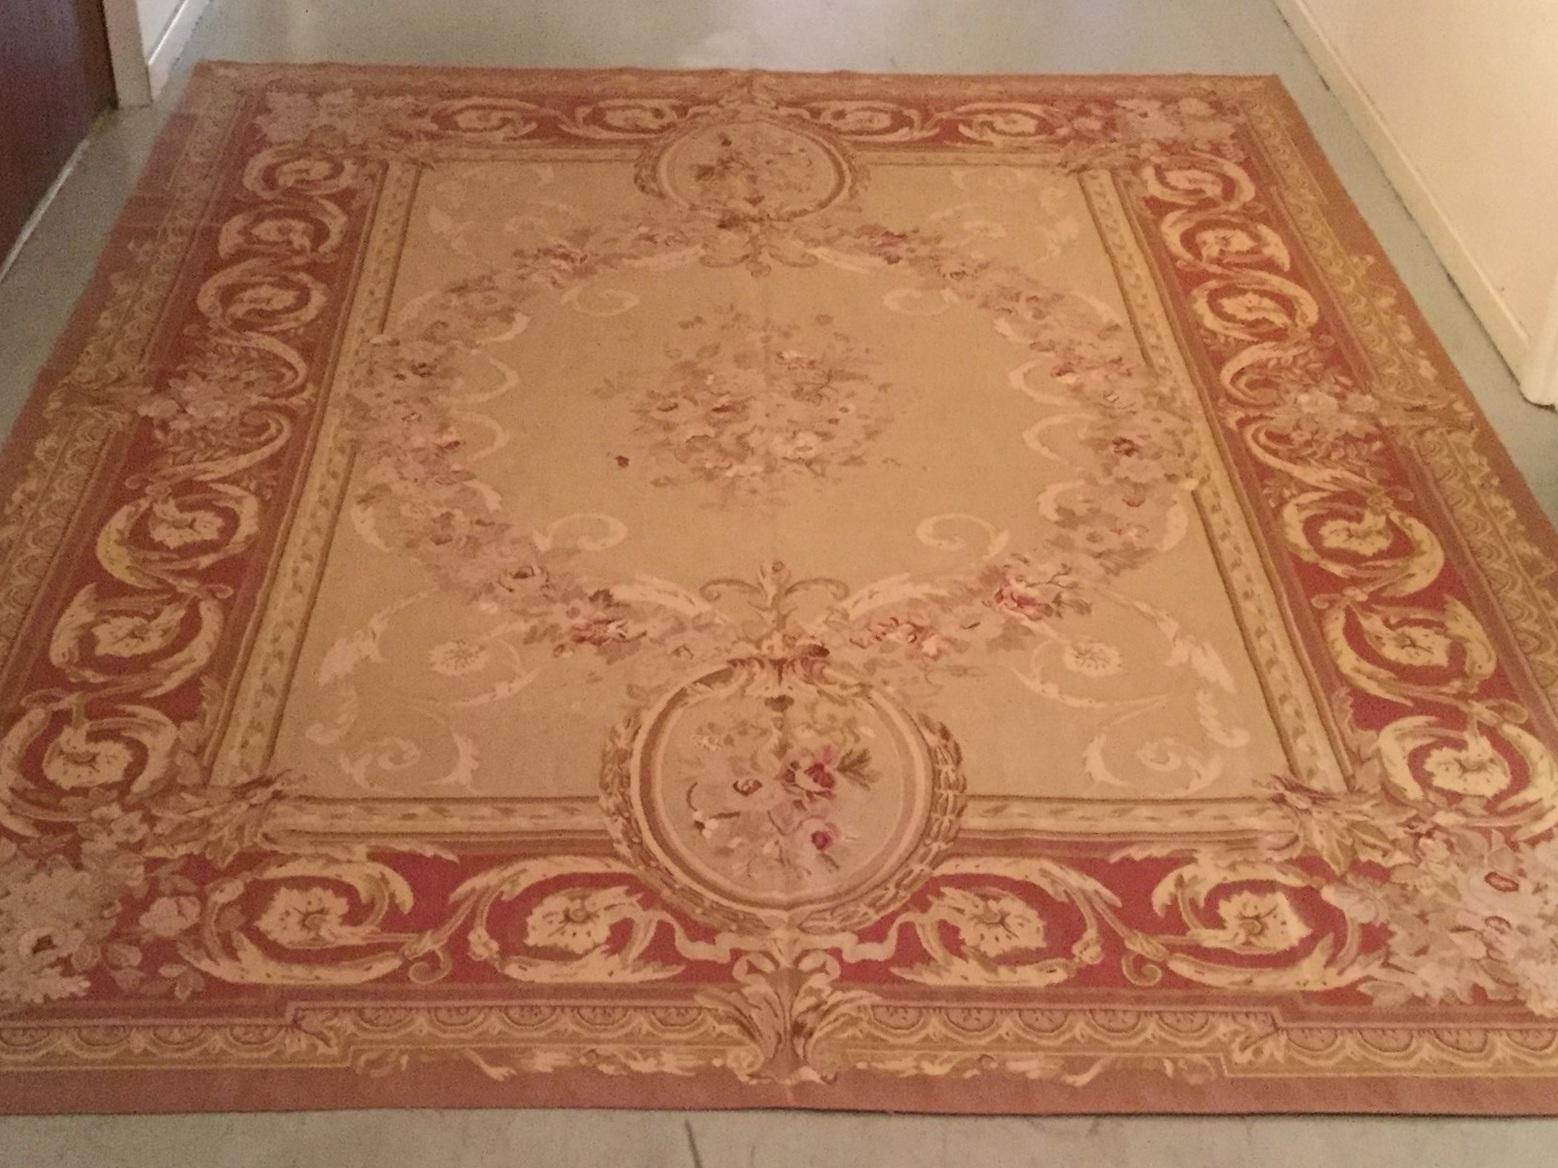 Antique Aubusson - Size Measurements: 374cm x 272cmCirca 1900's